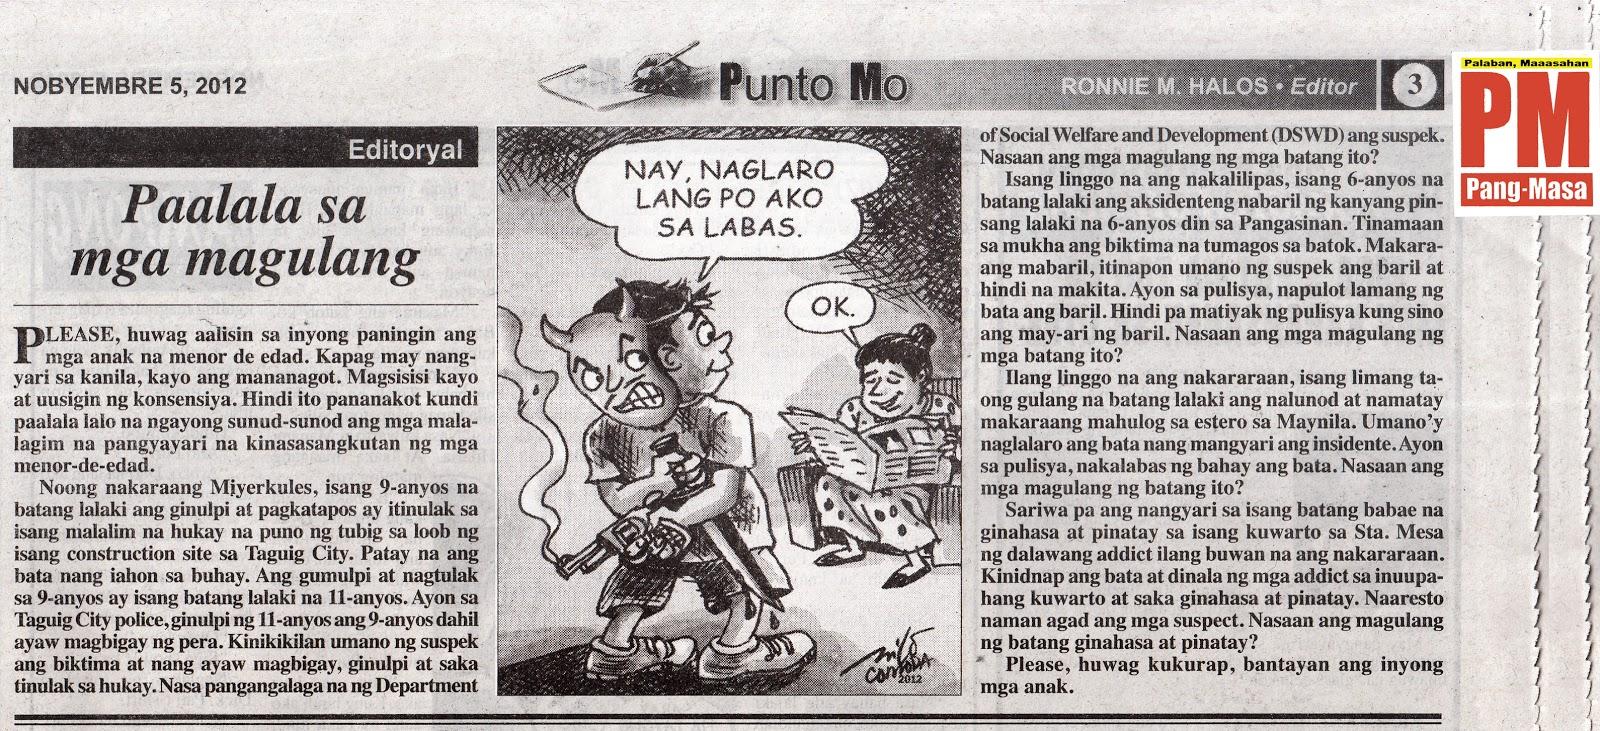 EDITORYAL - Huwag patayin ang wikang Filipino | Pilipino